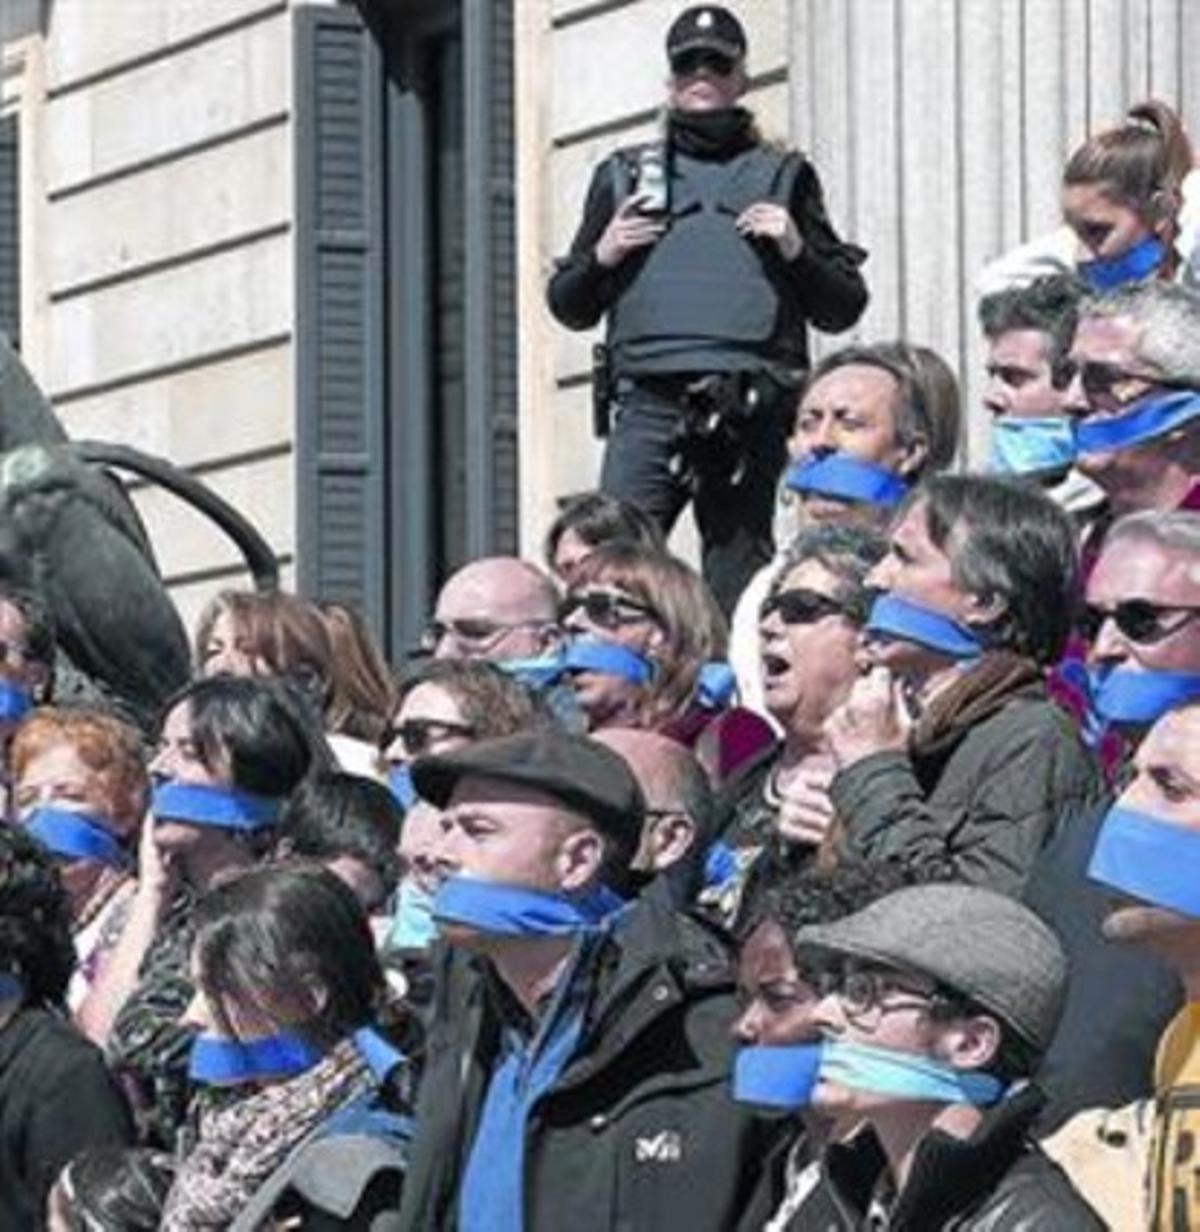 Imagen de la protesta en el Congreso contra las 'leyes mordaza', ayer.